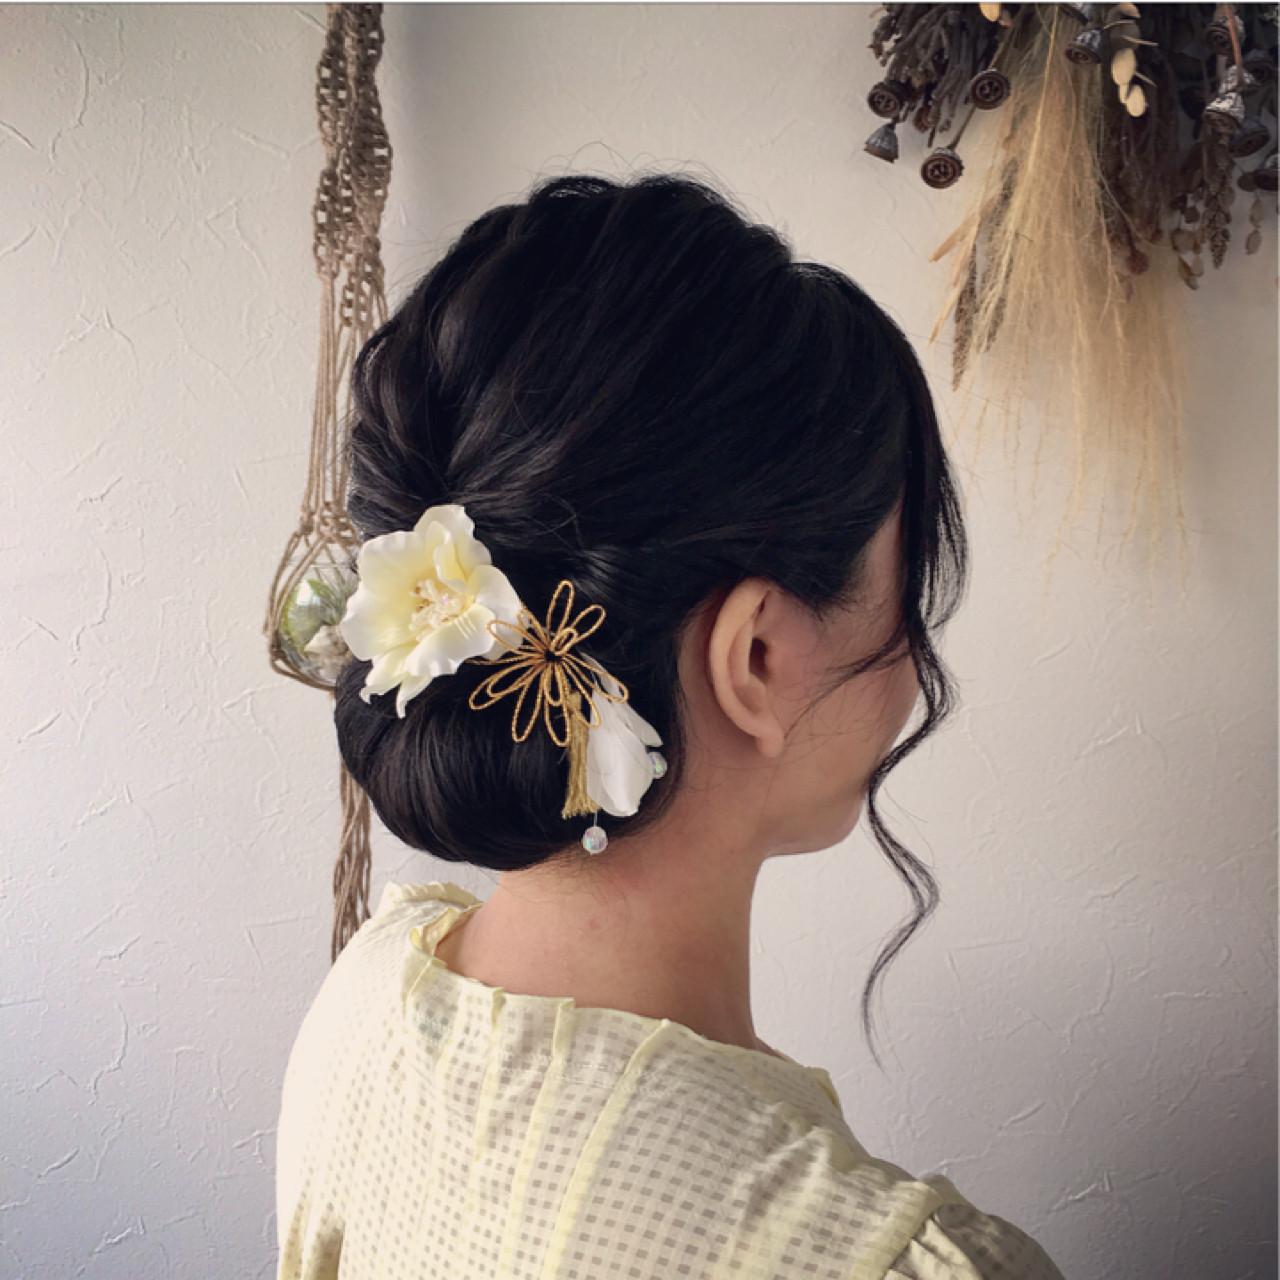 色気 夏 シニヨン 和装 ヘアスタイルや髪型の写真・画像